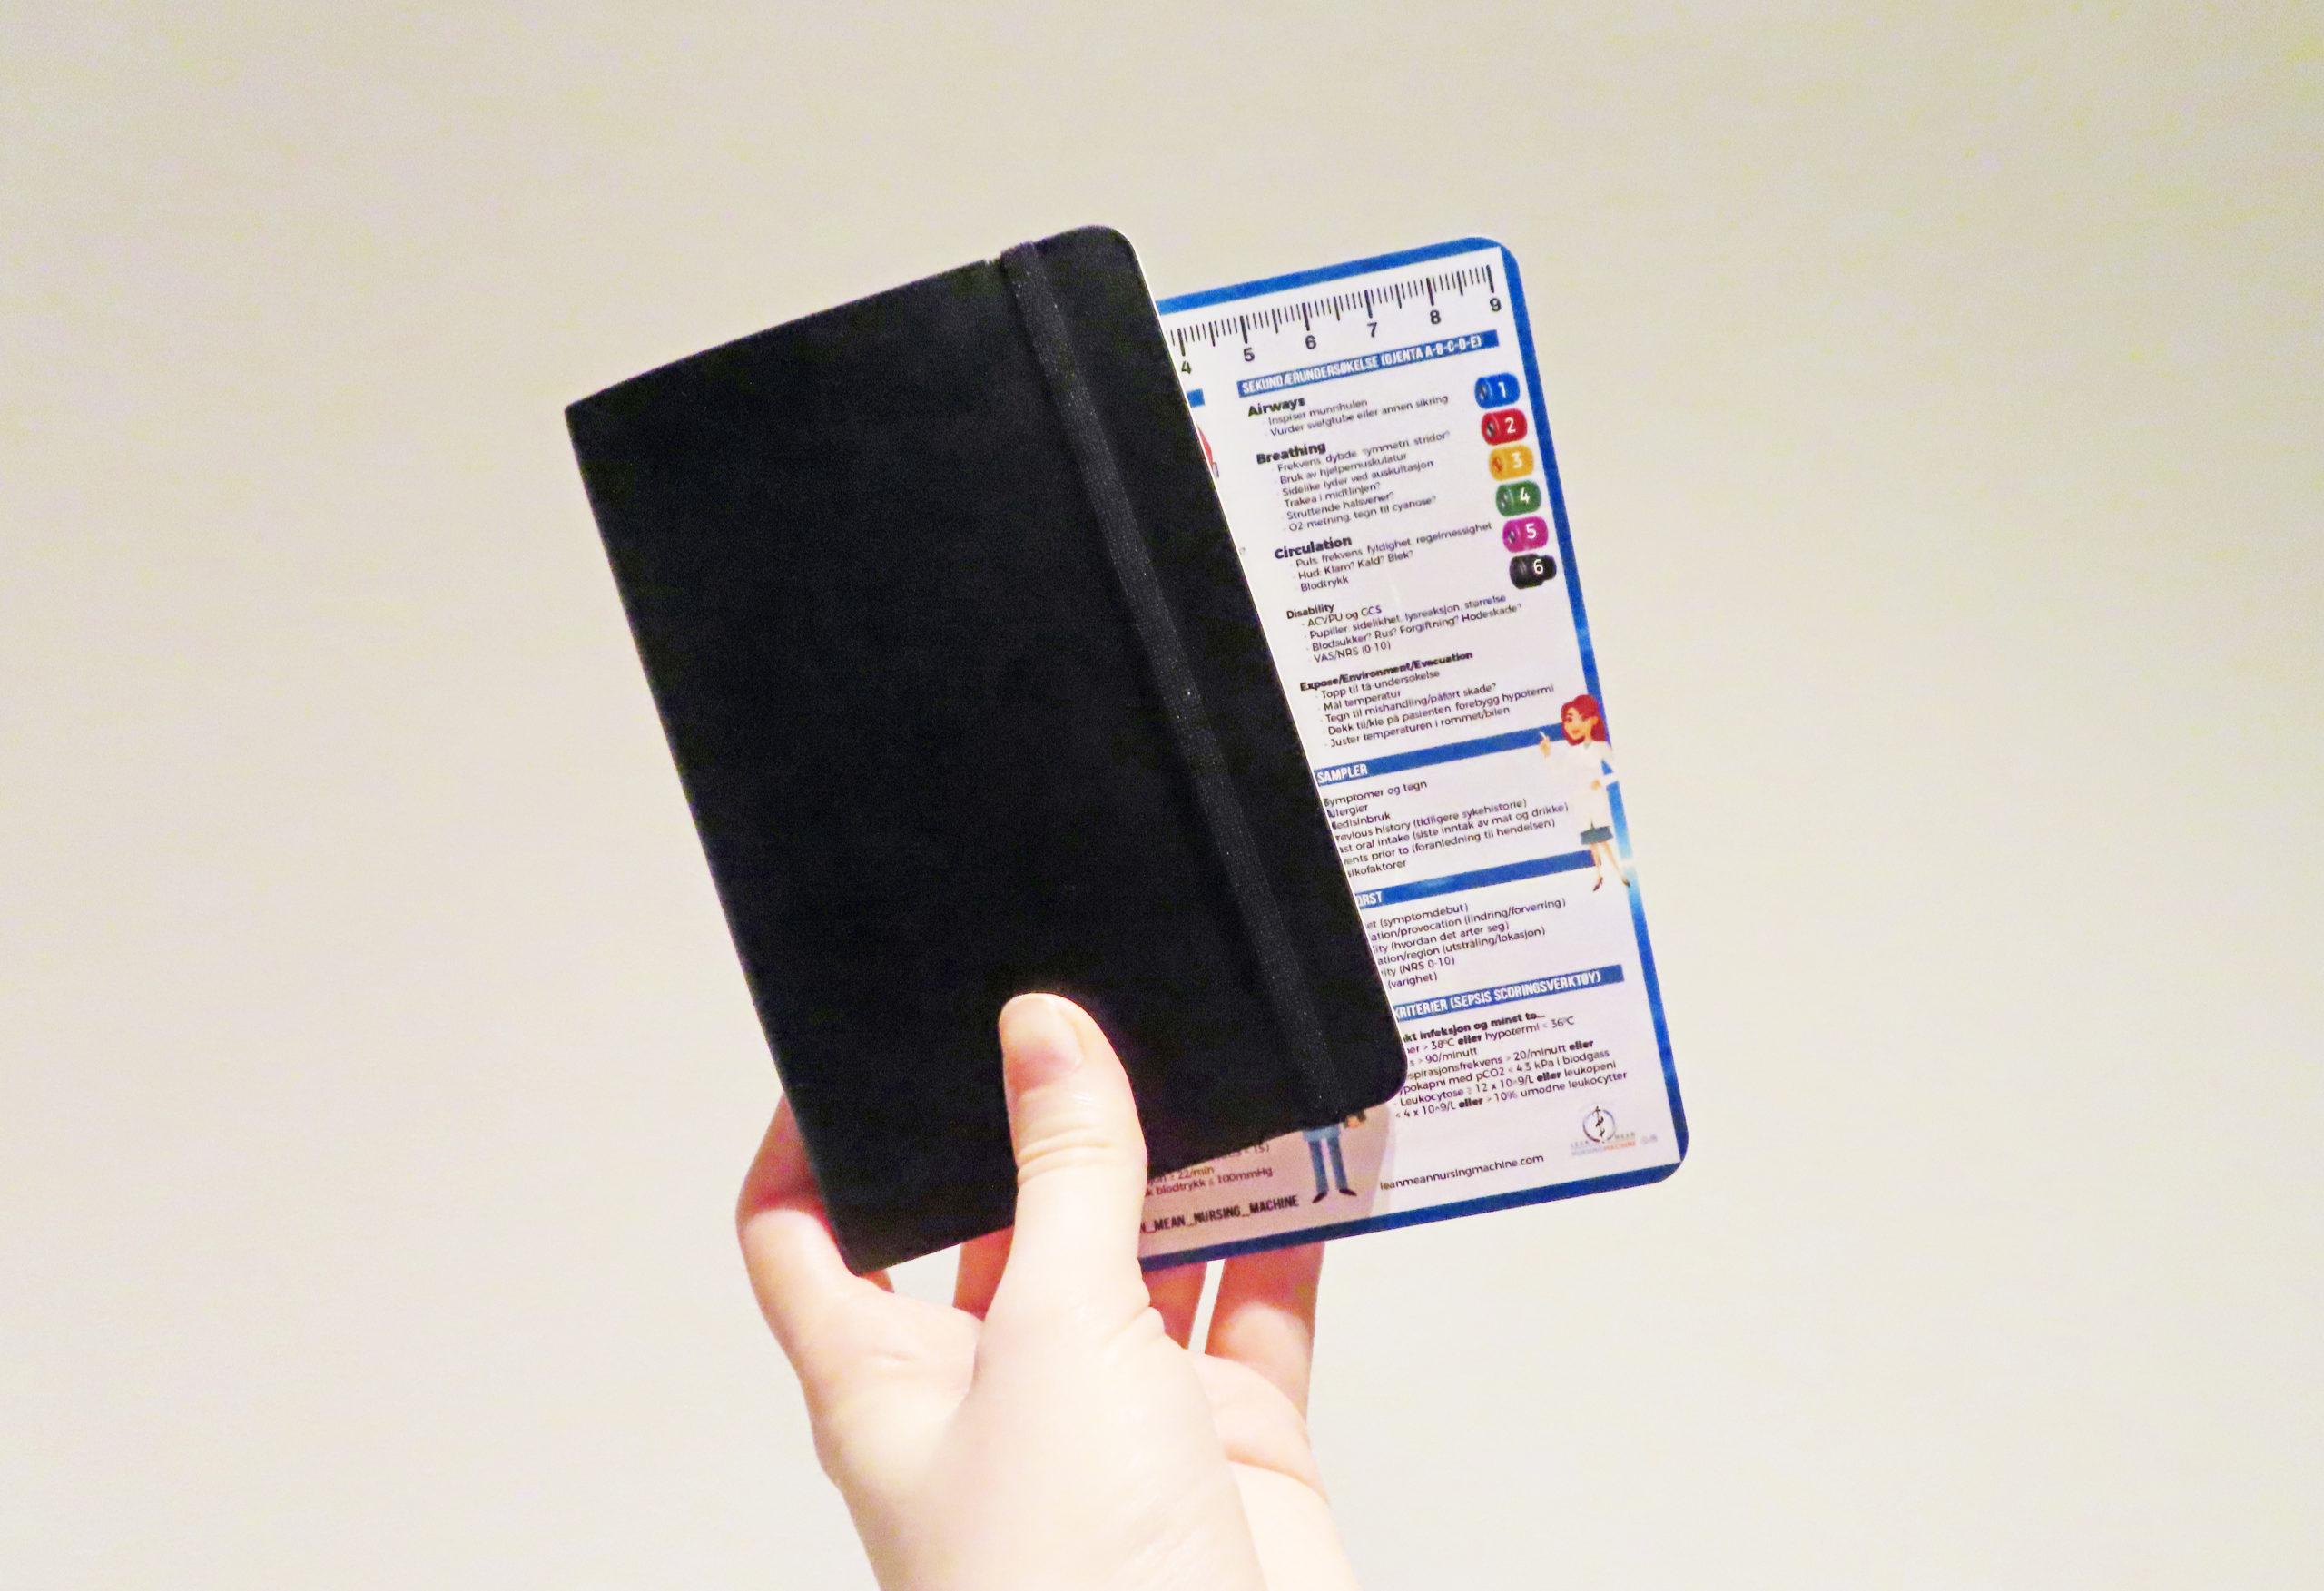 Notatbok og medisinske referansekort fra Cingulum